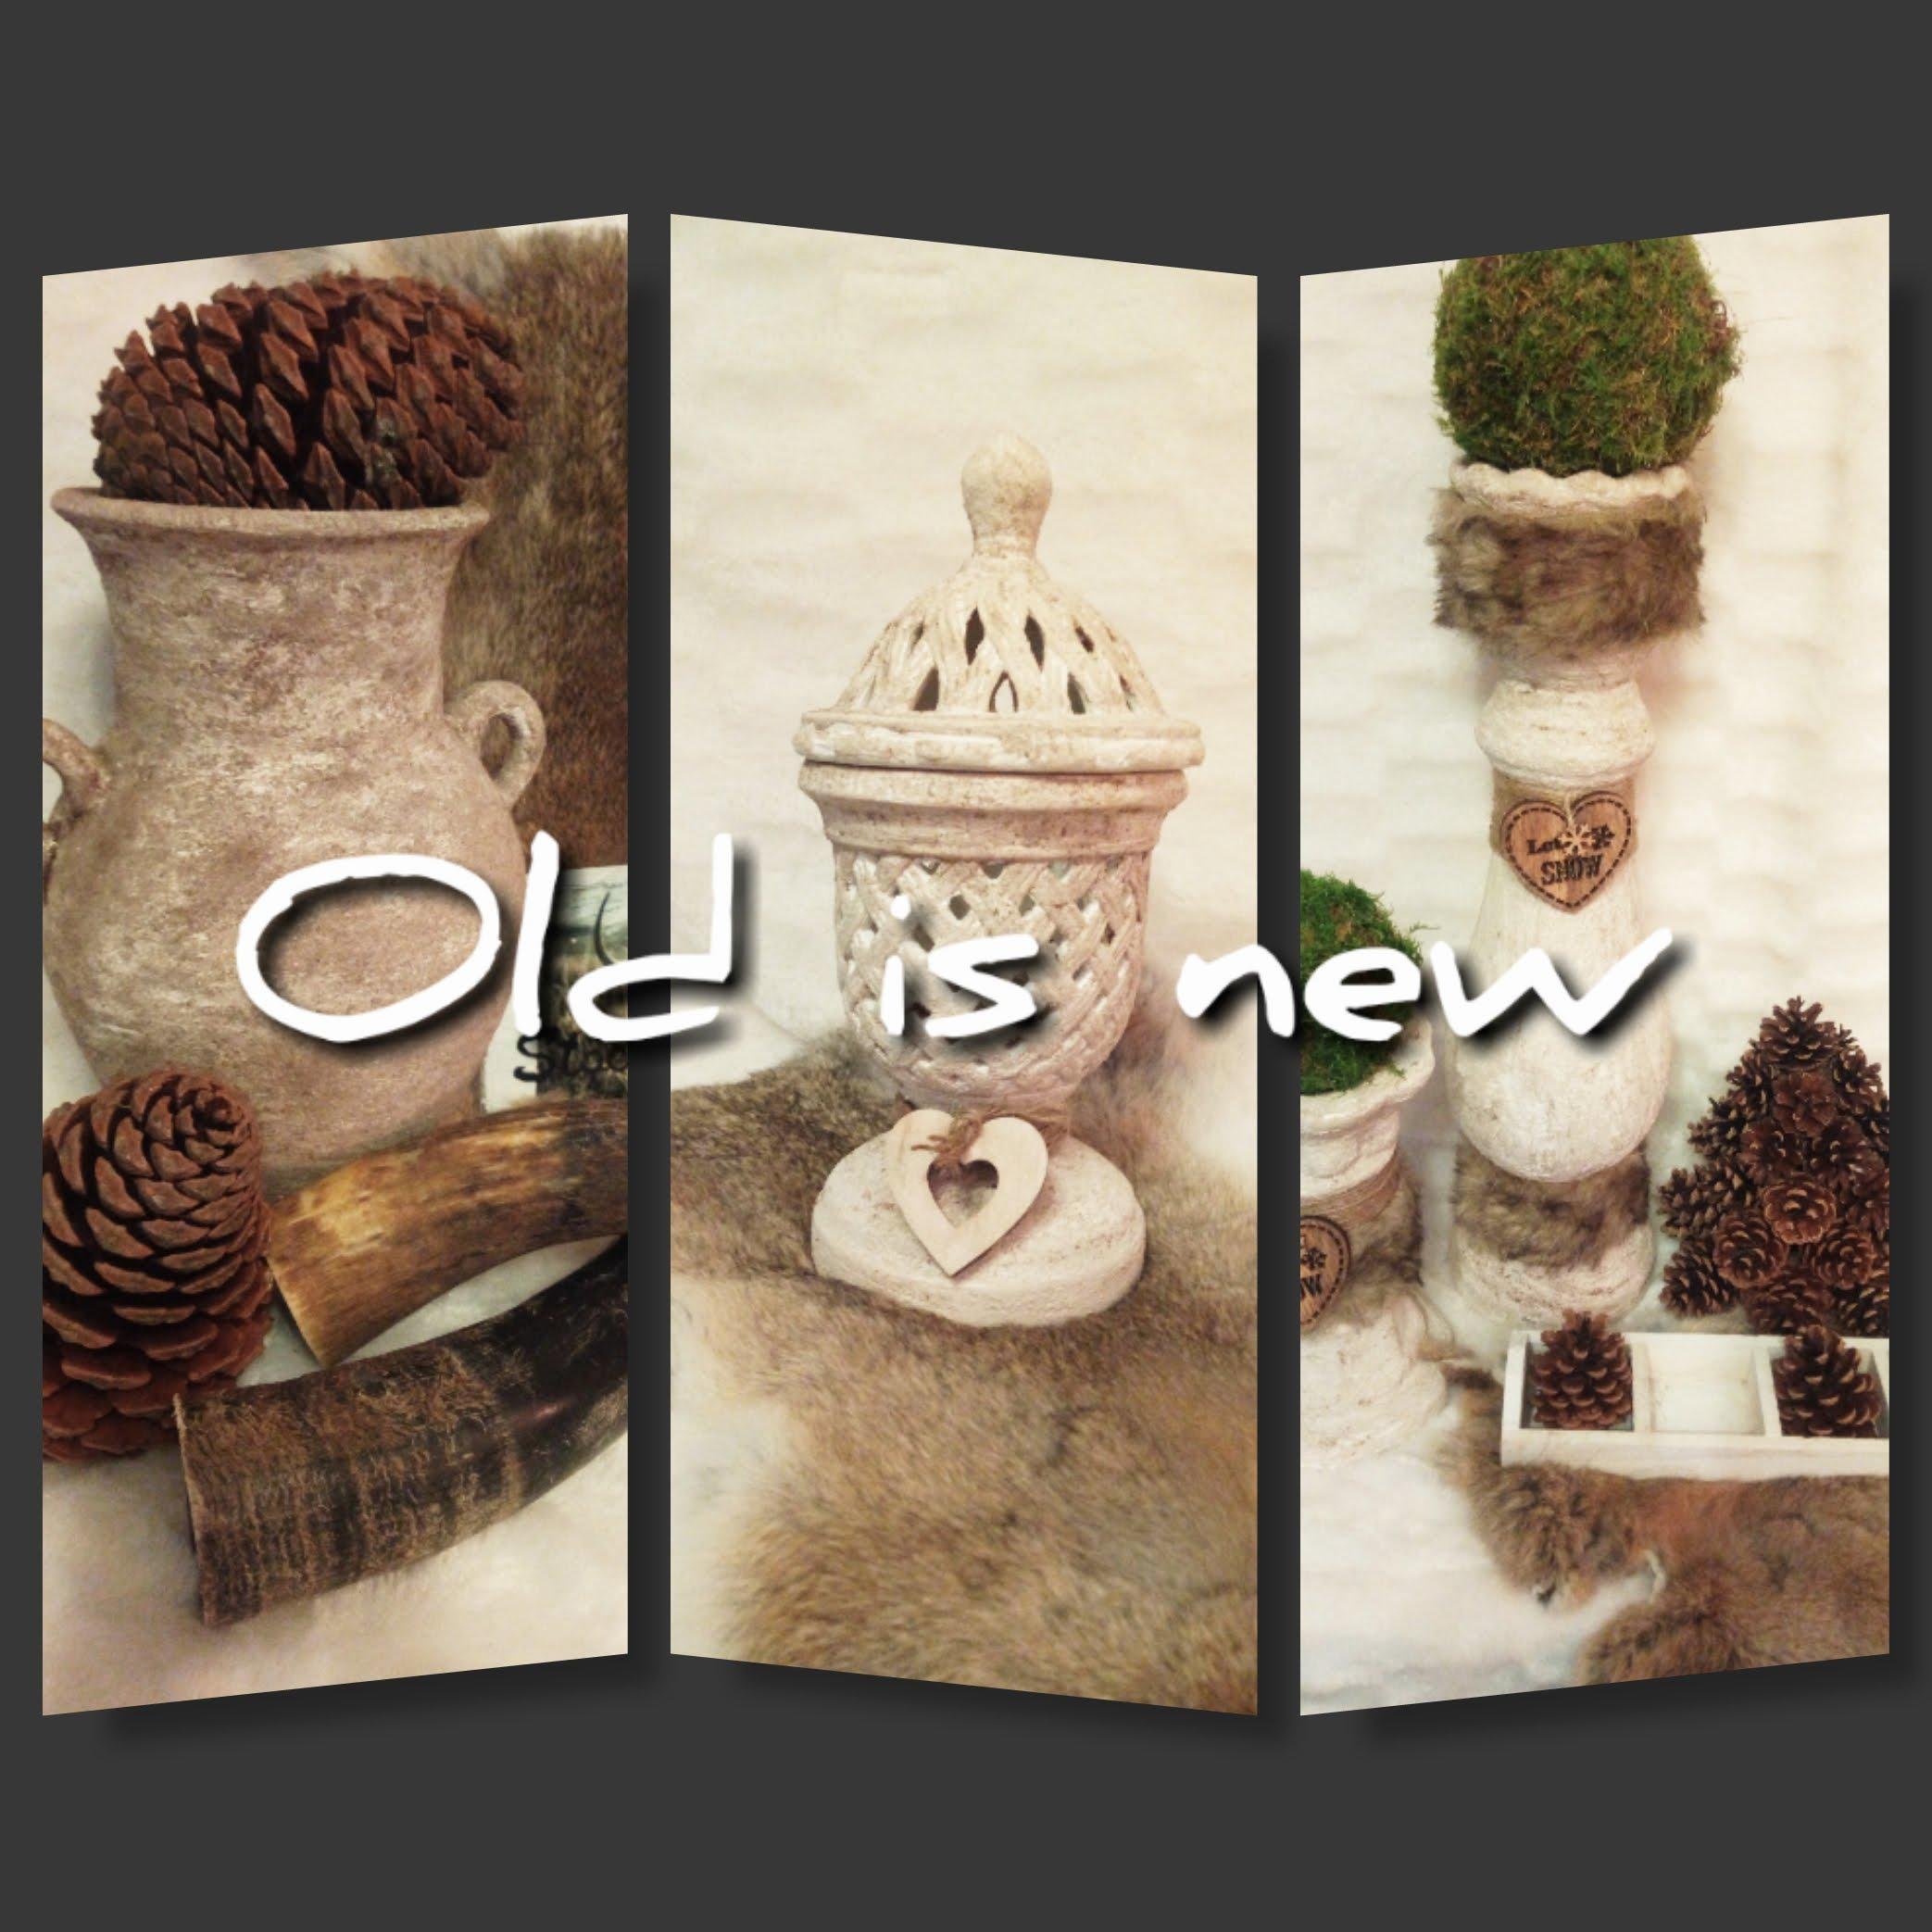 Naar Old is new